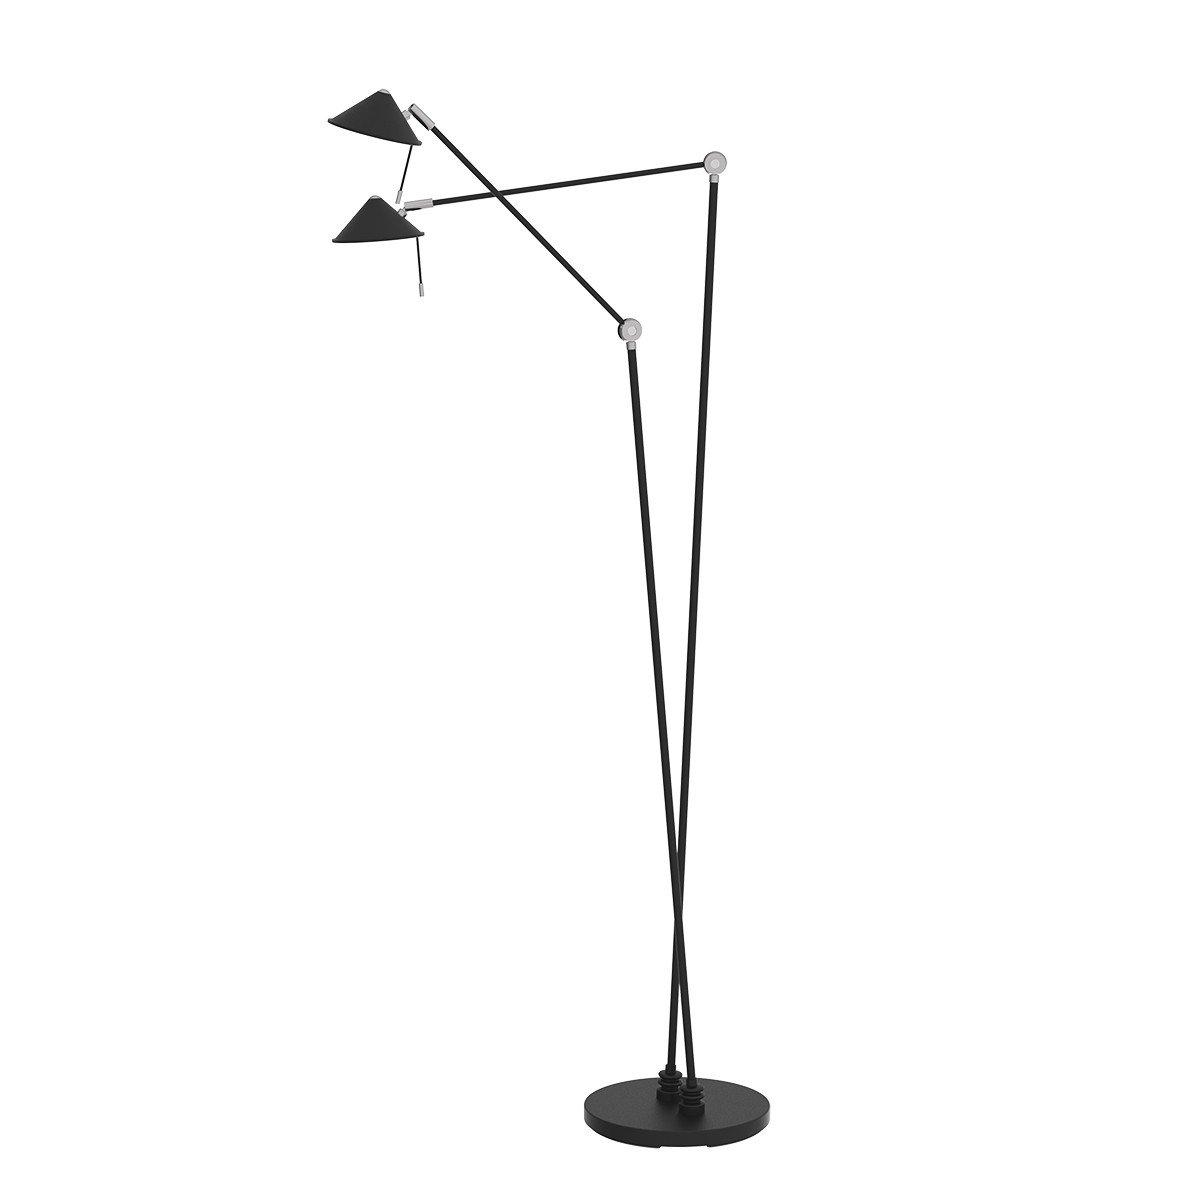 Vloerlamp Steinhauer Punkt 2558ZW